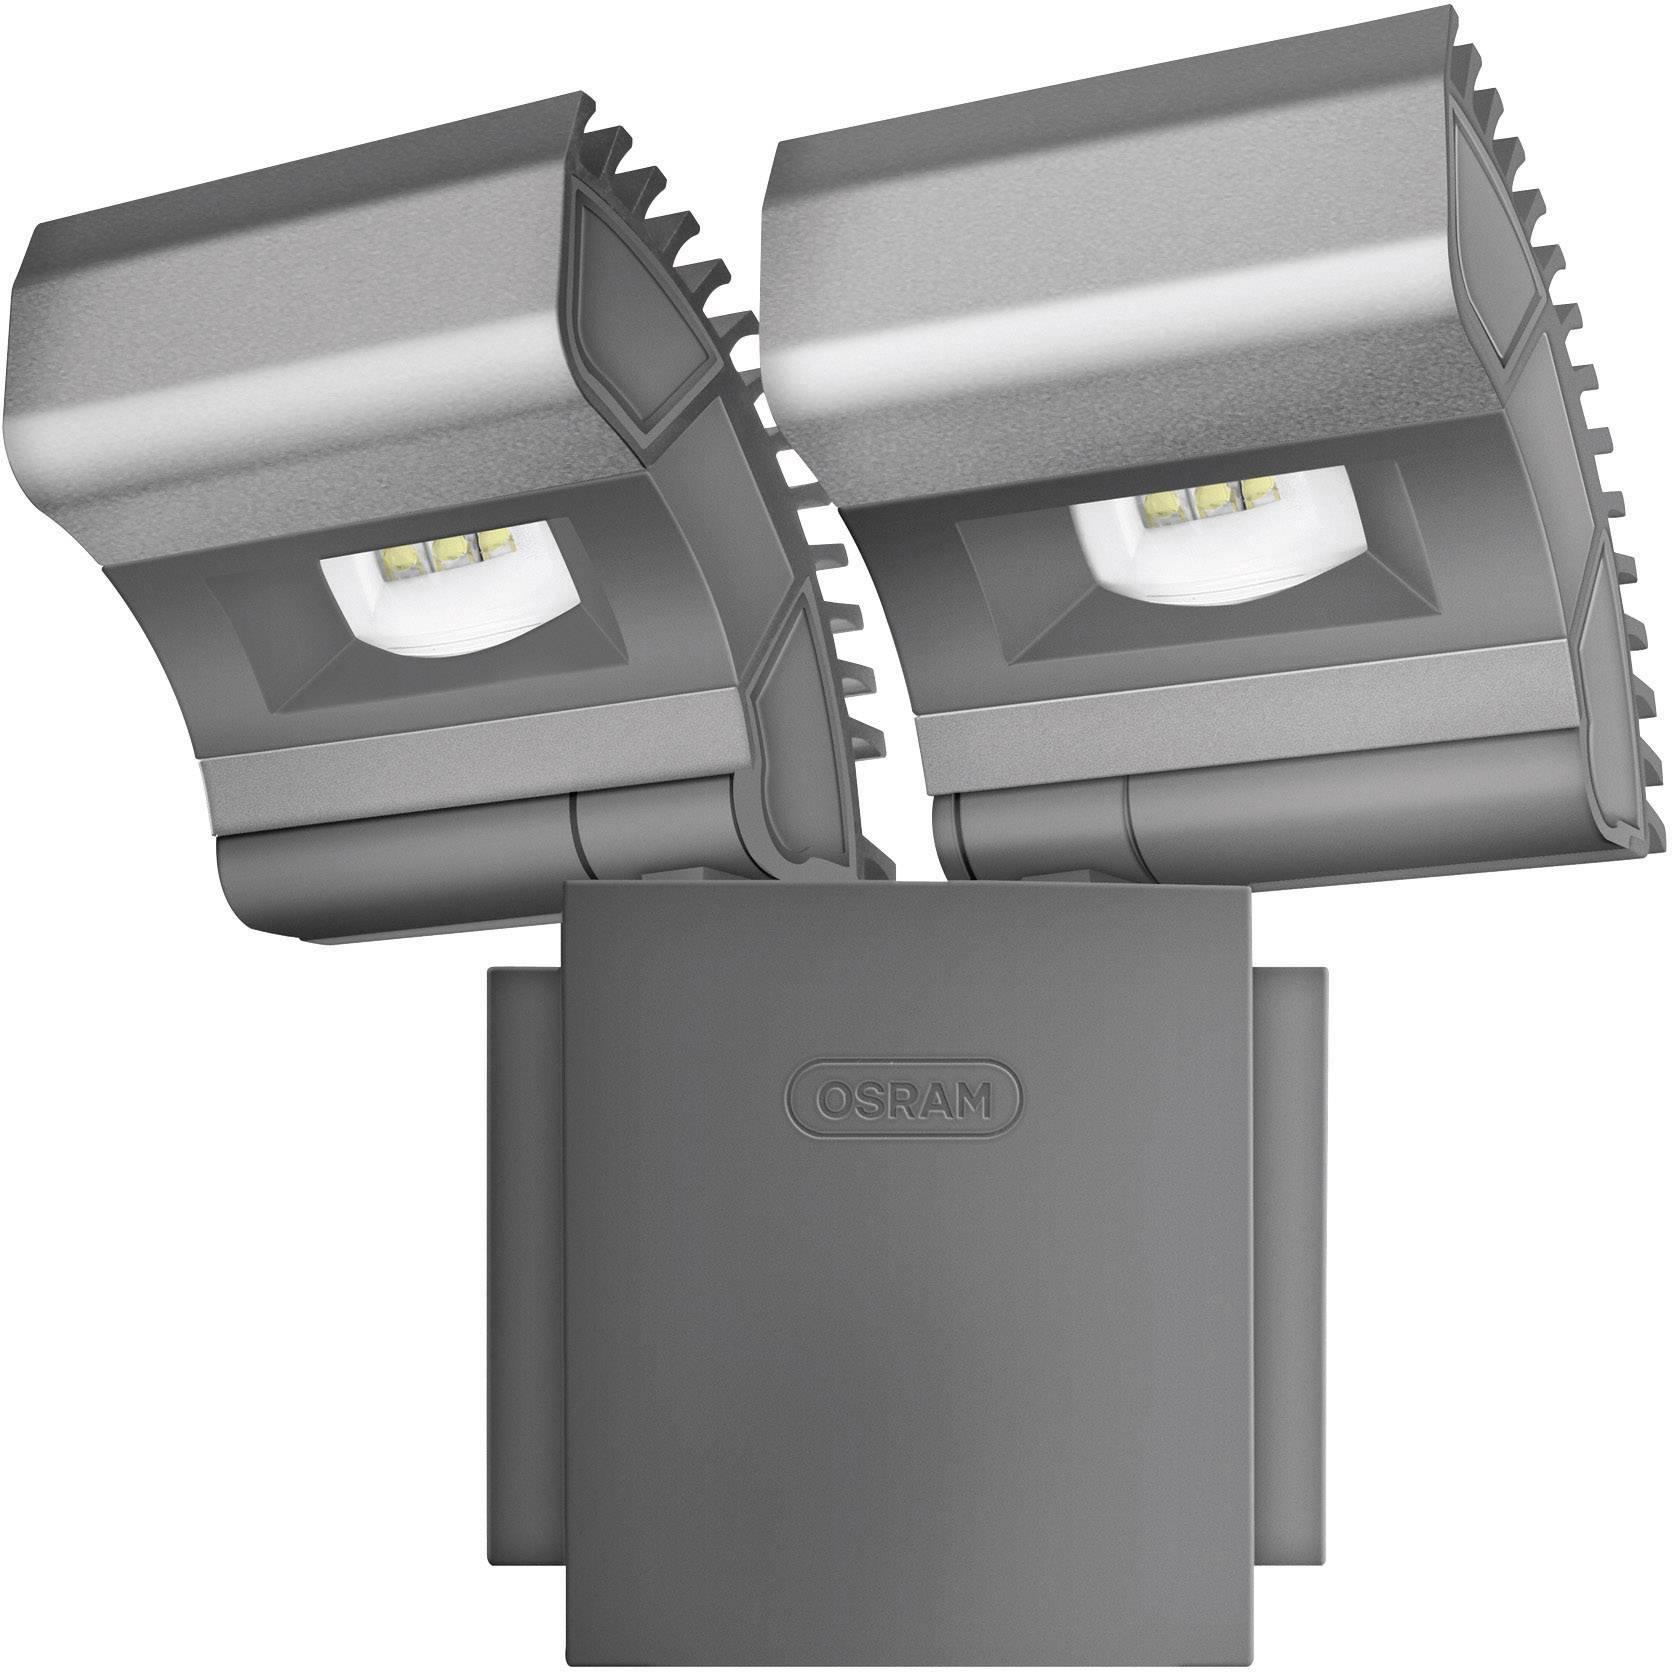 LEDVANCE Noxlite LED spot, 2 X 8 W NOXLITE 2 X 8 W LED